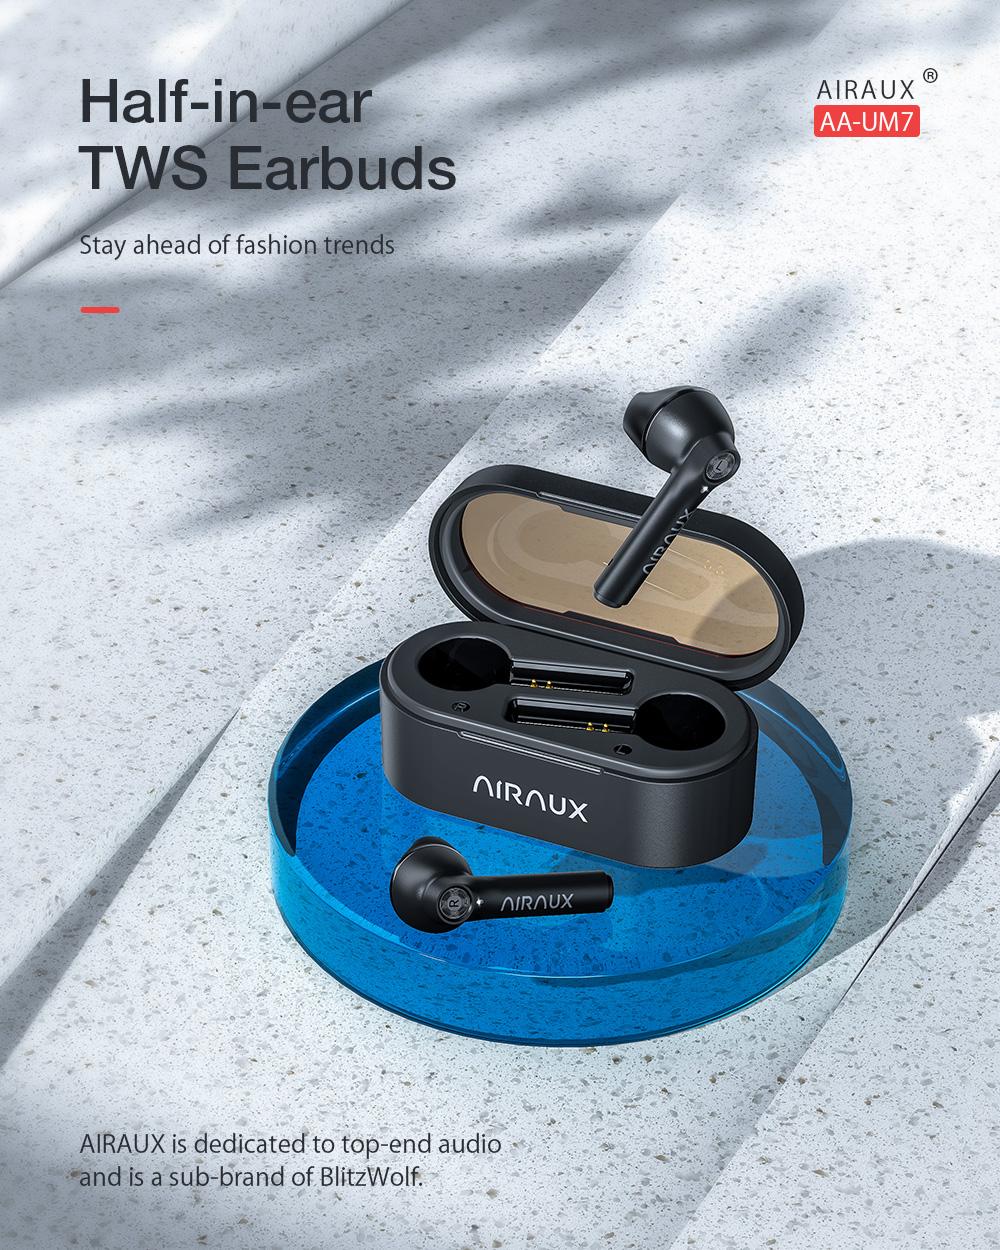 BlitzWolf® AirAux AA-UM7 fülhallgató